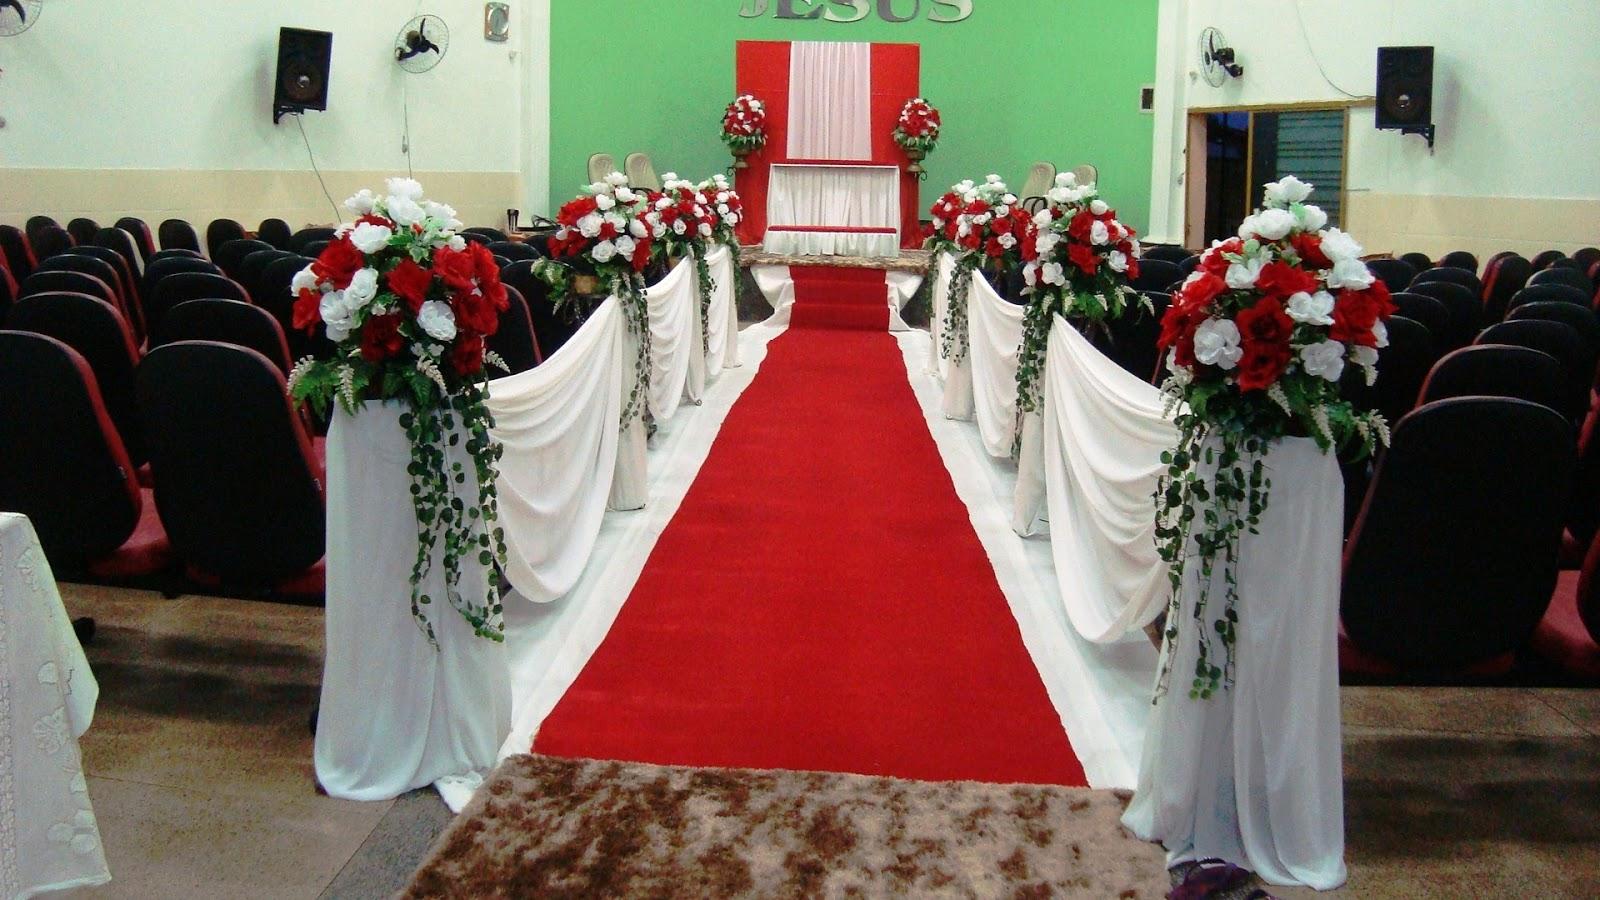 Decoraç u00e3o de casamento vermelho e branco Veja dicas e fotos! -> Fotos Decoração De Igreja Para Casamento Simples